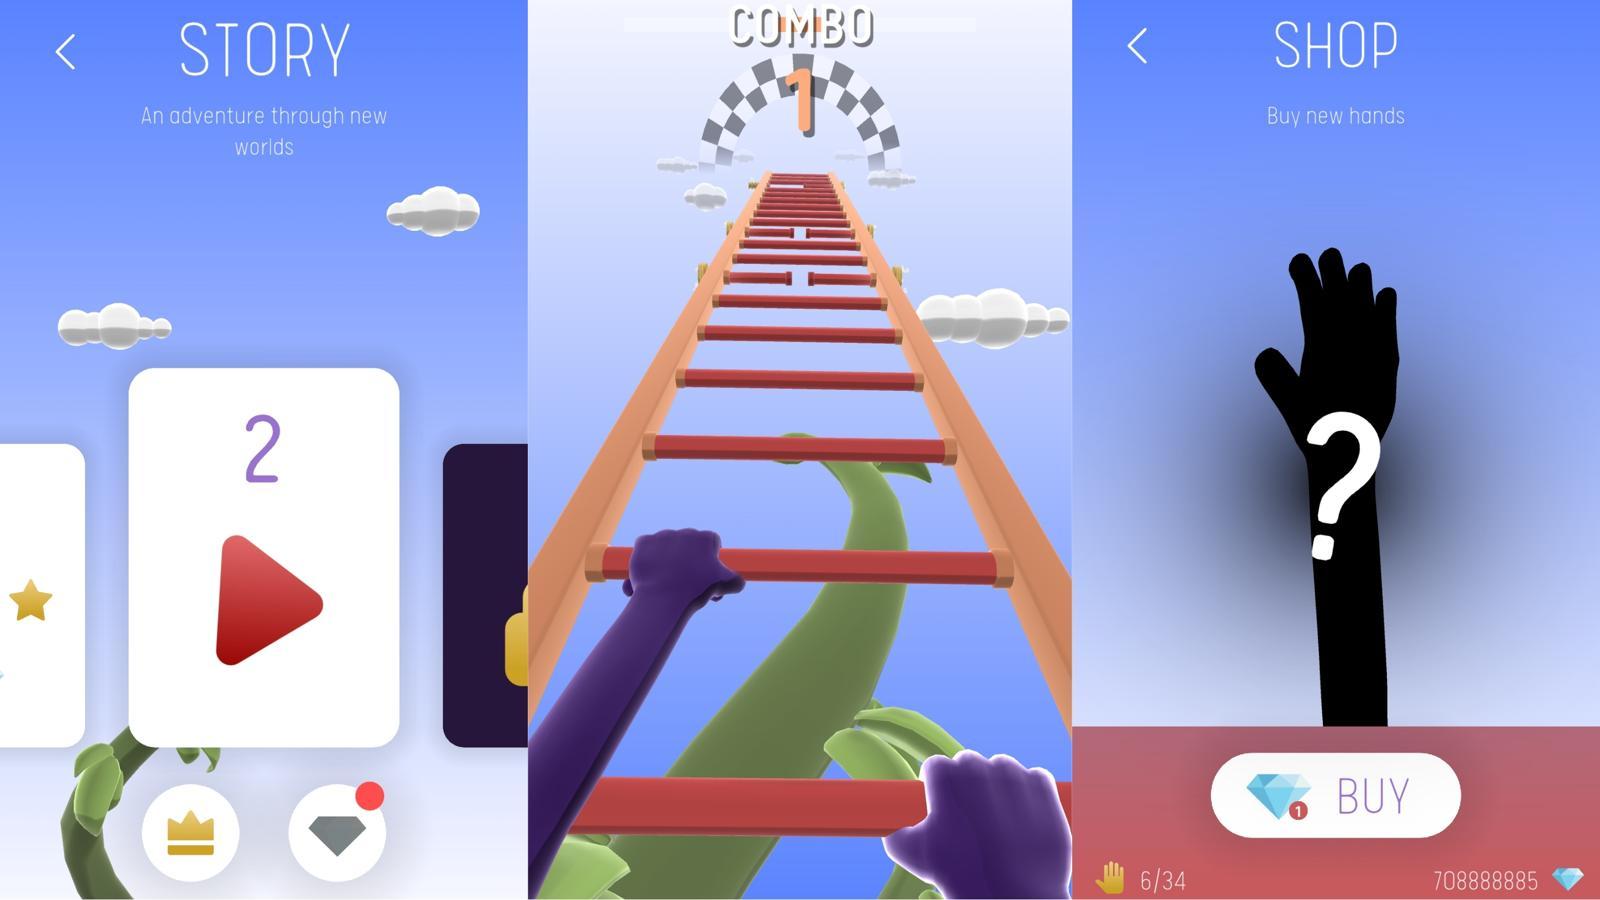 安卓手机动作闯关游戏 爬上梯子-云奇网